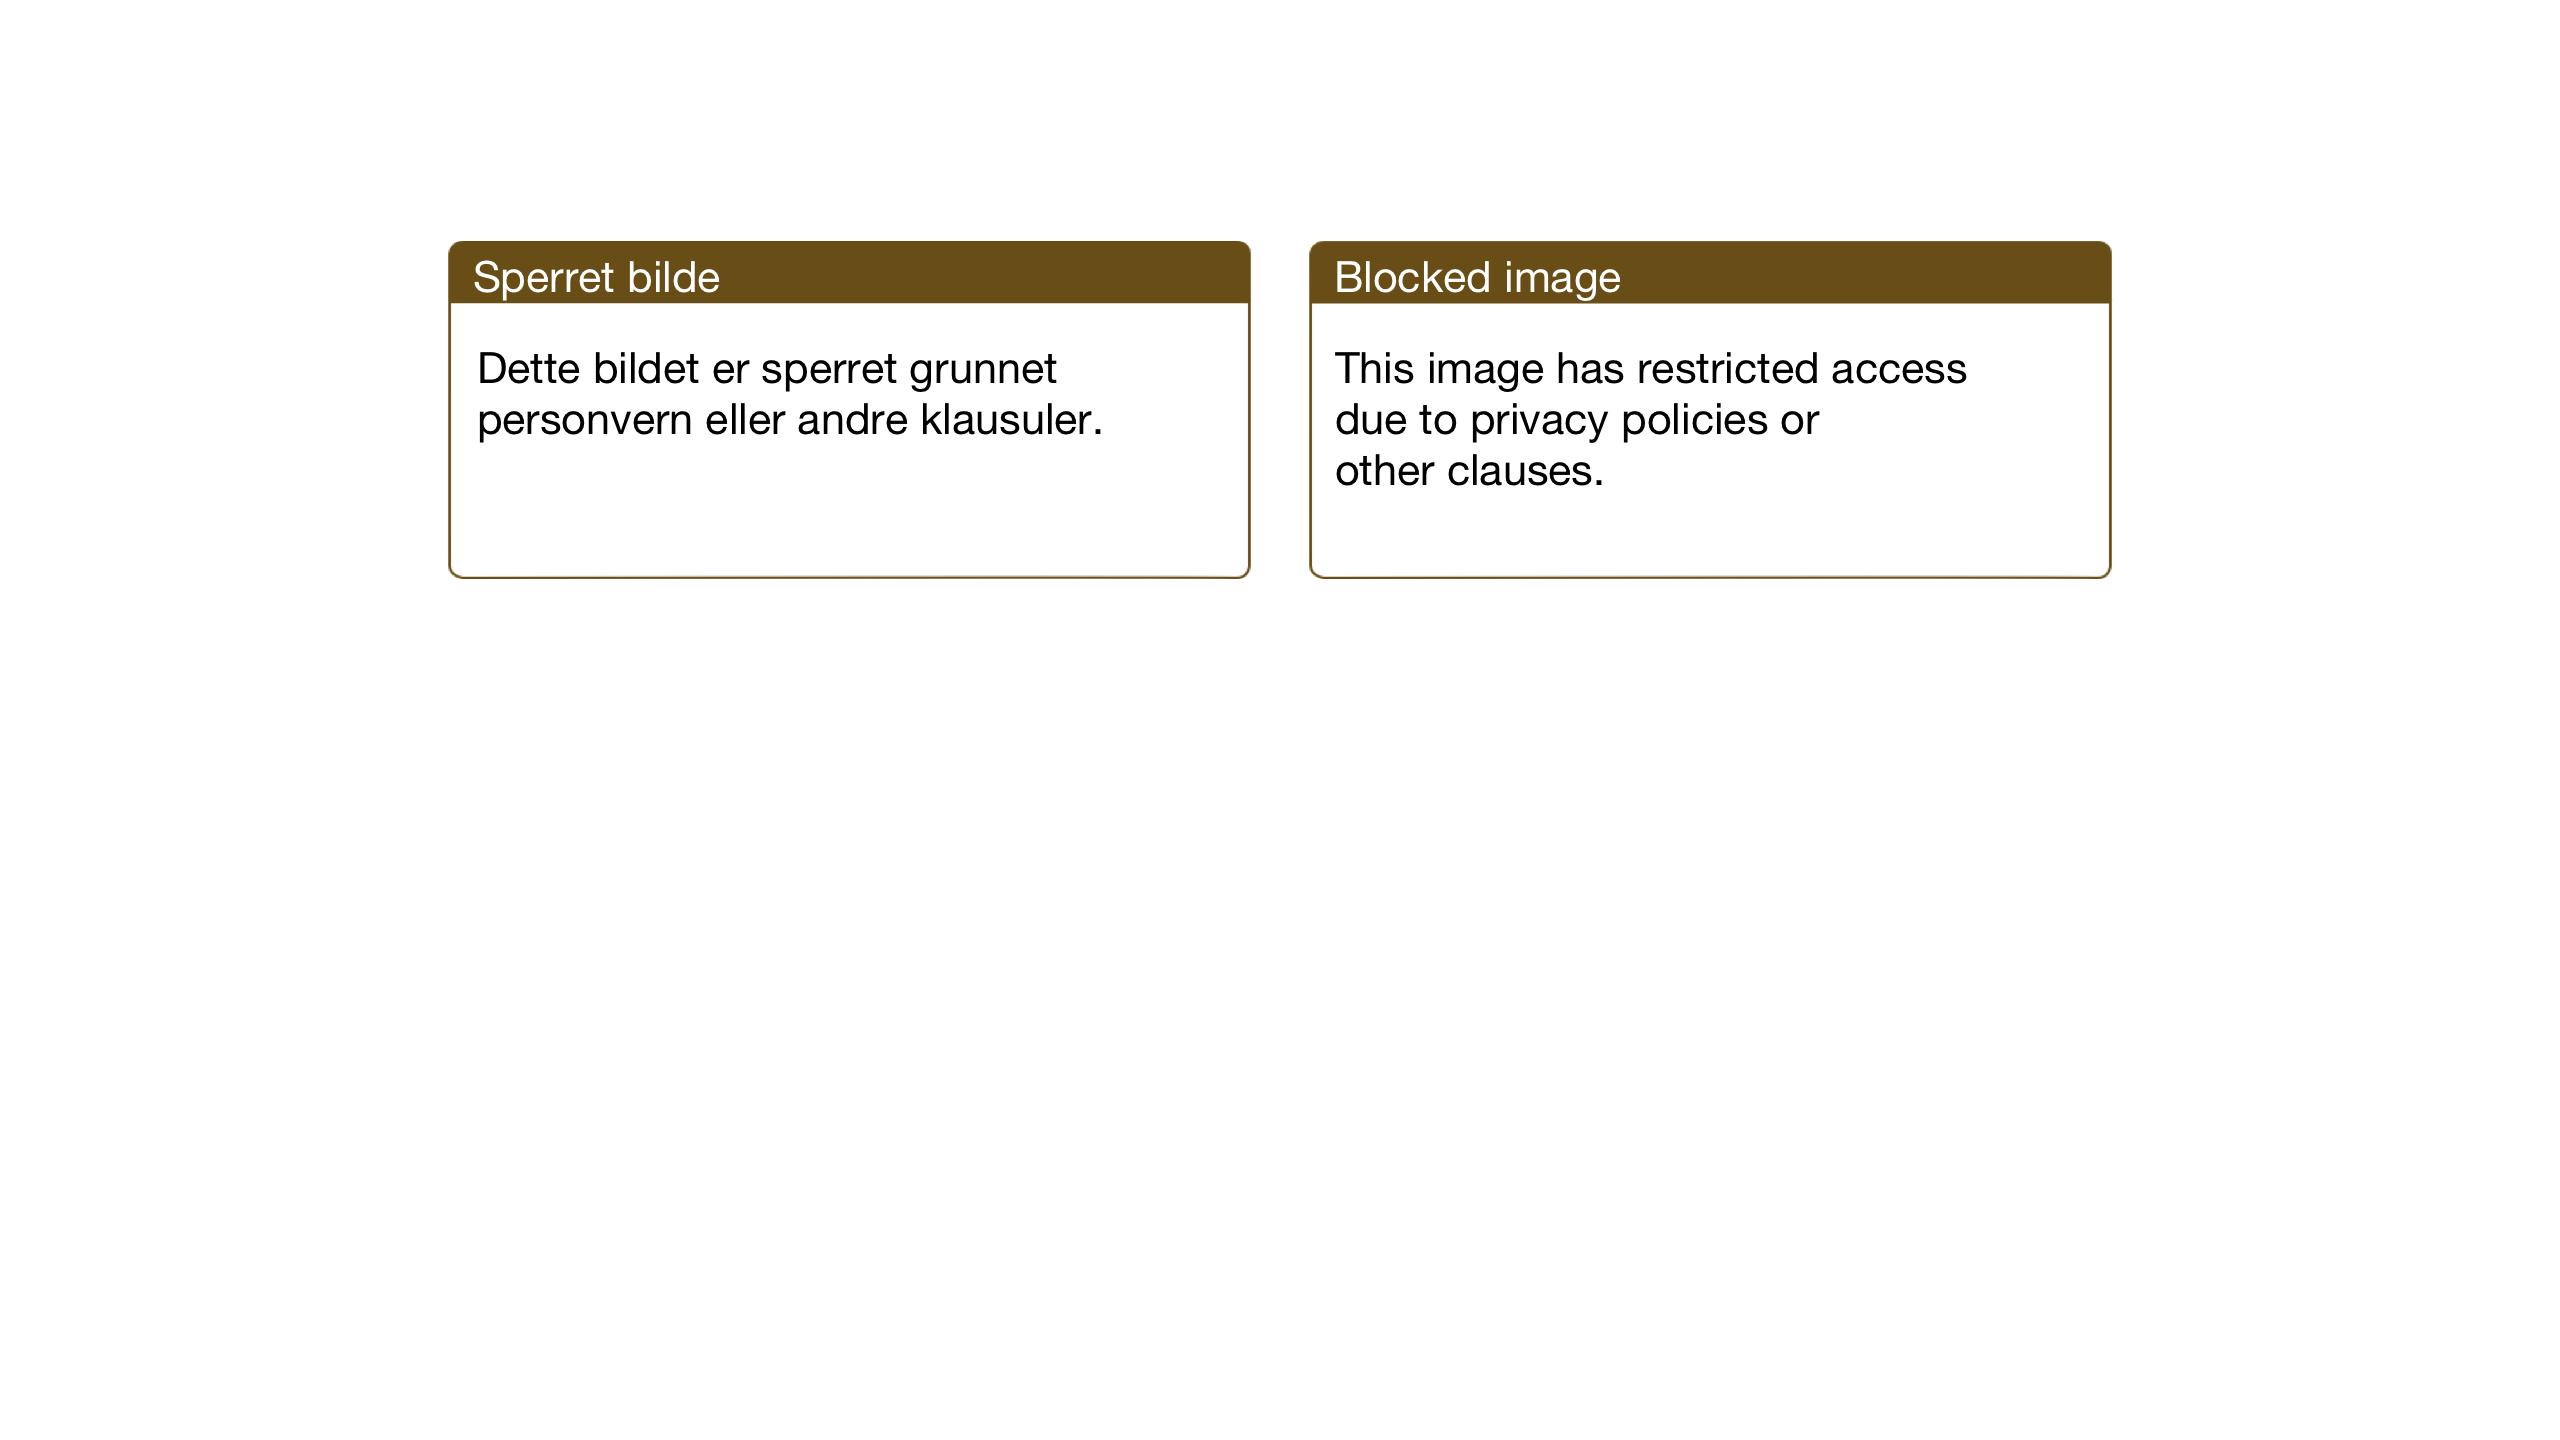 SAT, Ministerialprotokoller, klokkerbøker og fødselsregistre - Nord-Trøndelag, 770/L0592: Klokkerbok nr. 770C03, 1941-1950, s. 7